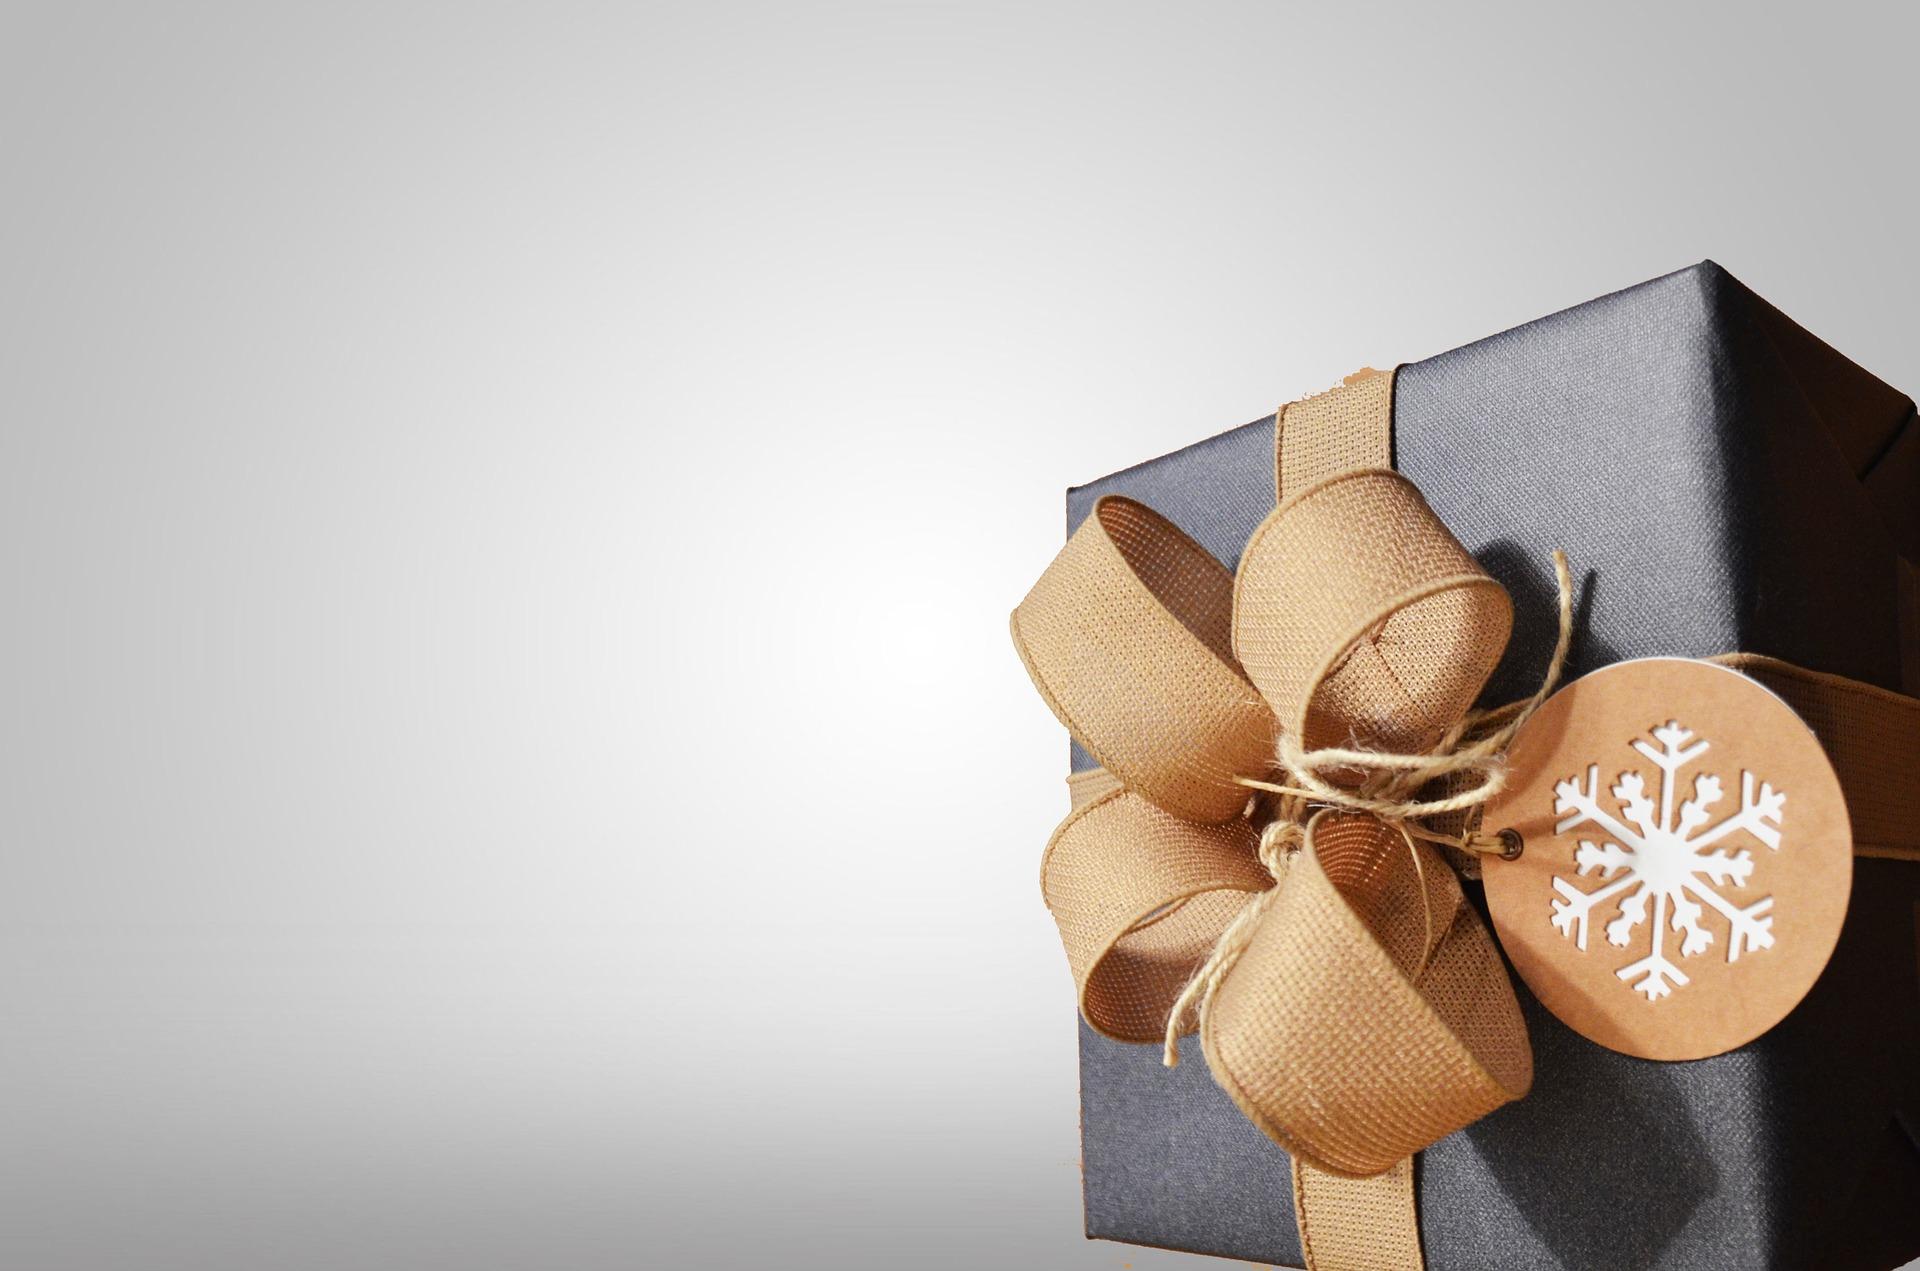 Aliexpress - Fünf originelle Geschenke die man bei Aliexpress findet